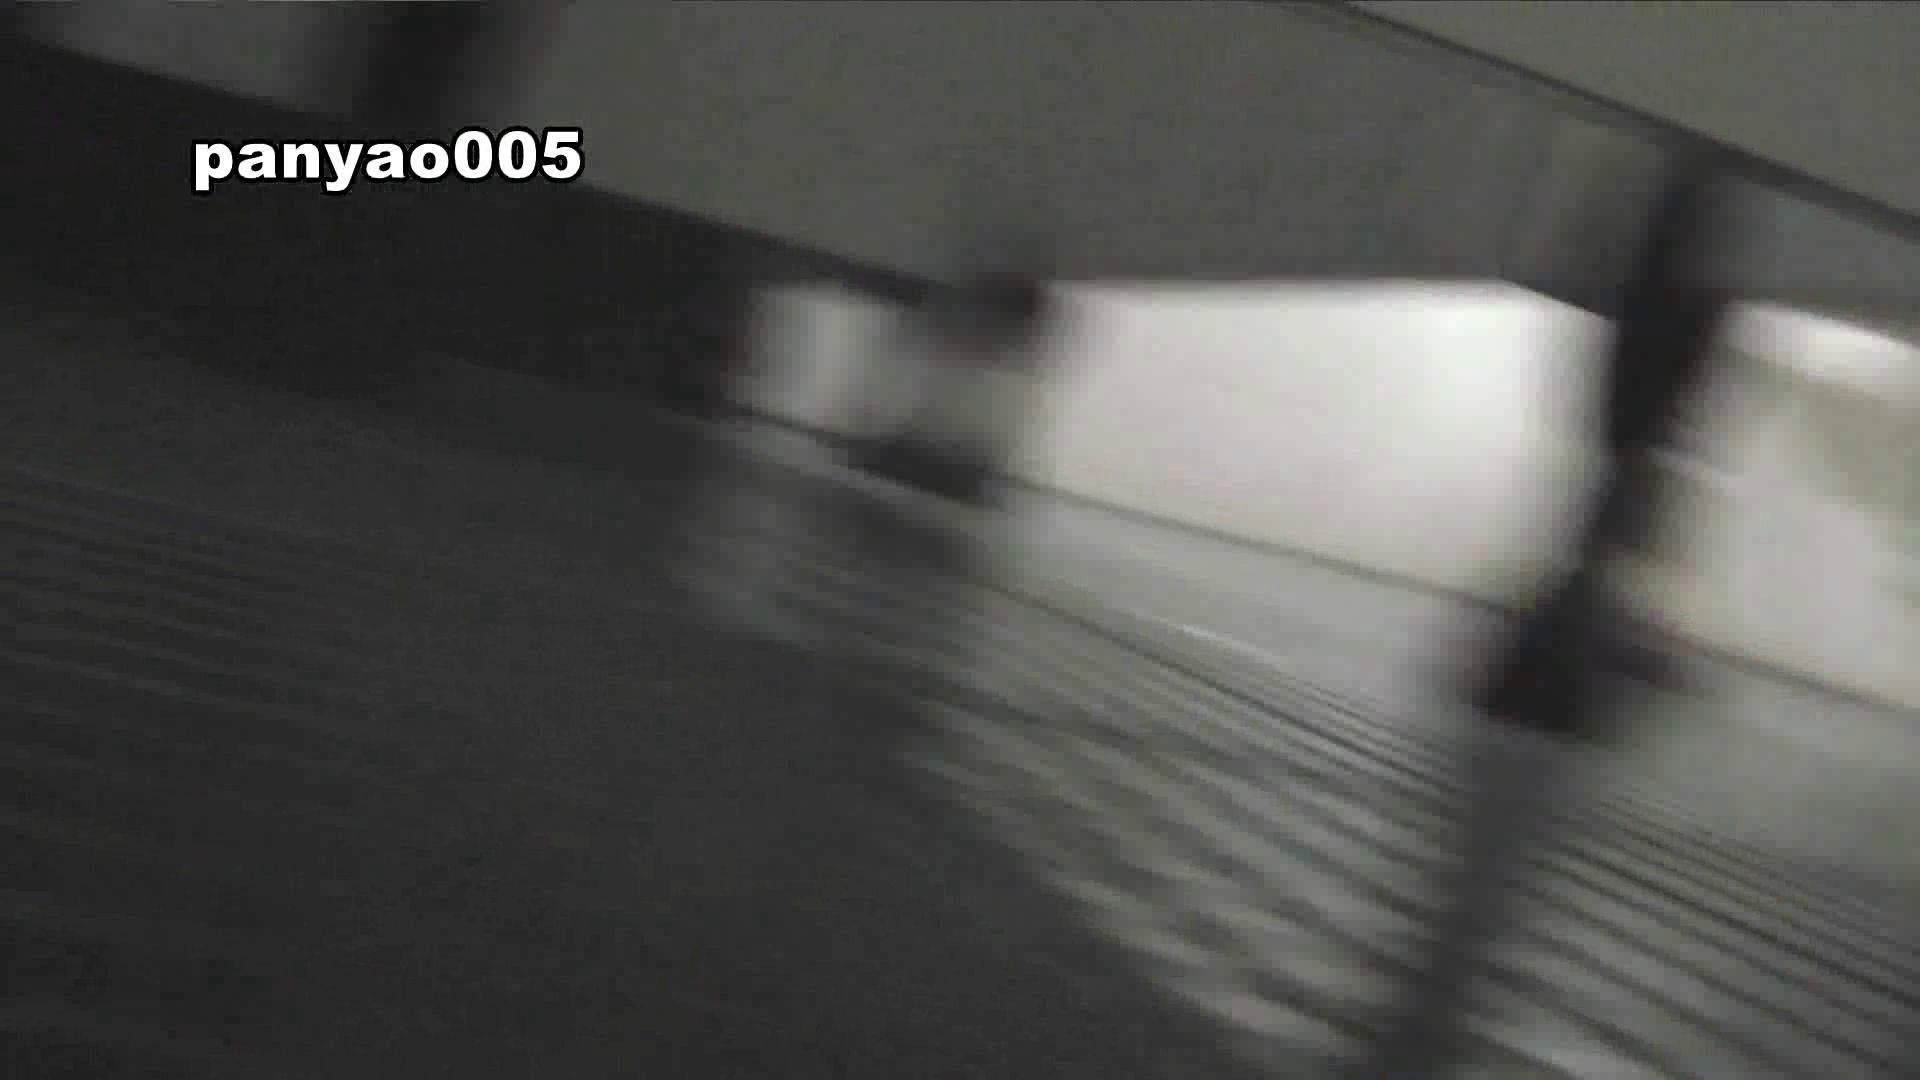 日本成人用品展览会。vol.05 そんな格好で… 着替え | 潜入  49pic 31